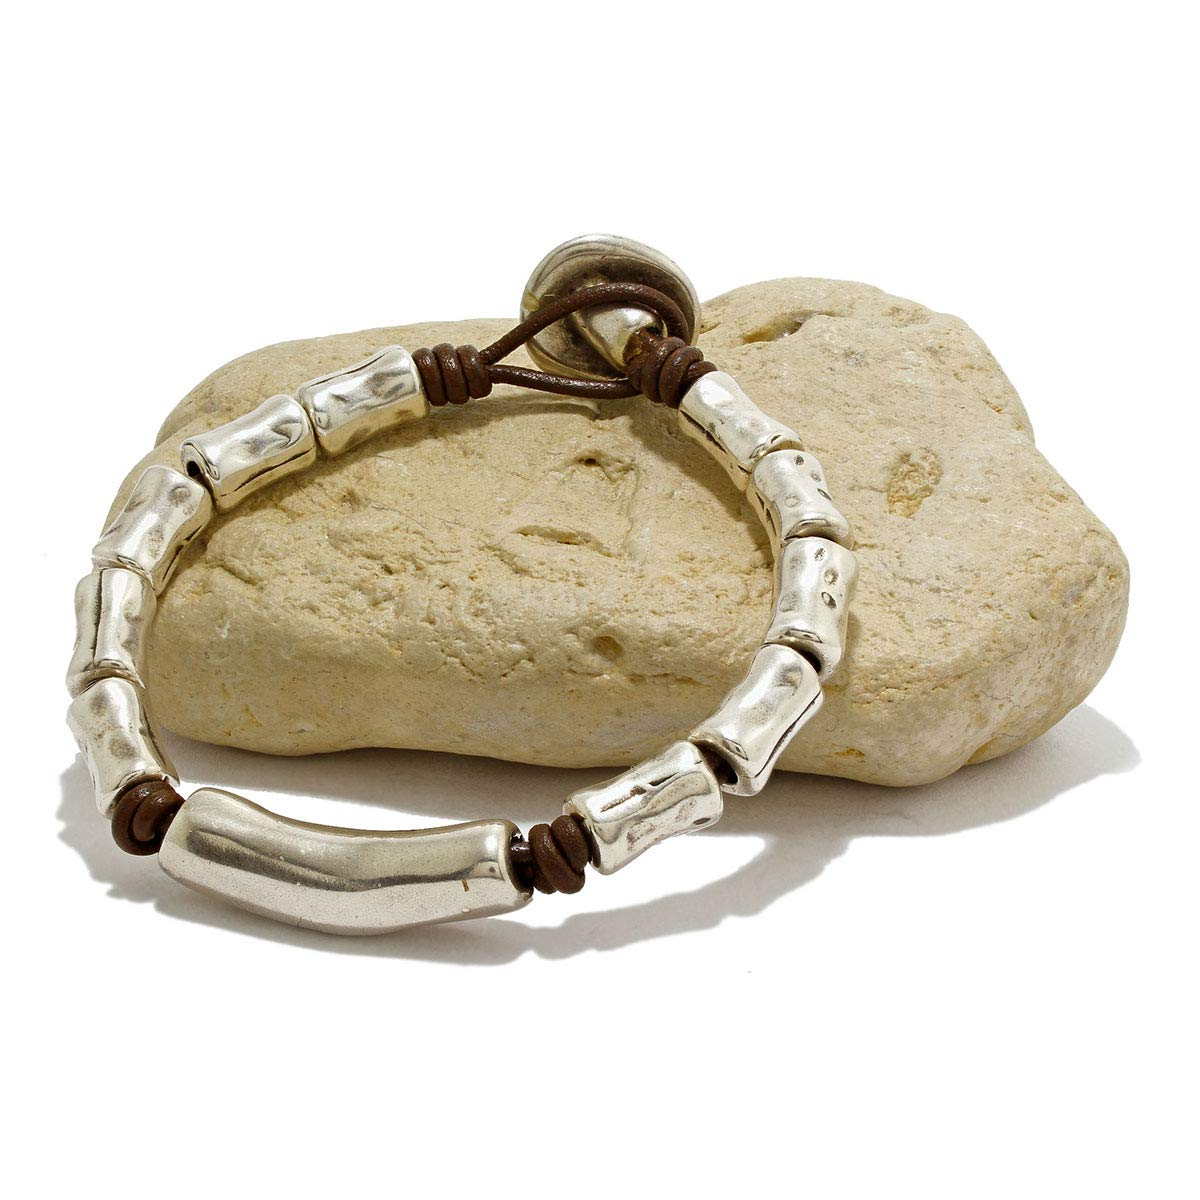 Hecho a mano, pulsera de cuero y piezas de zamak plata hecha por Intendenciajewels - Pulsera con abalorios de plata - Pulsera de cuero para mujer - Pulsera Boho - Regalo para mujer.